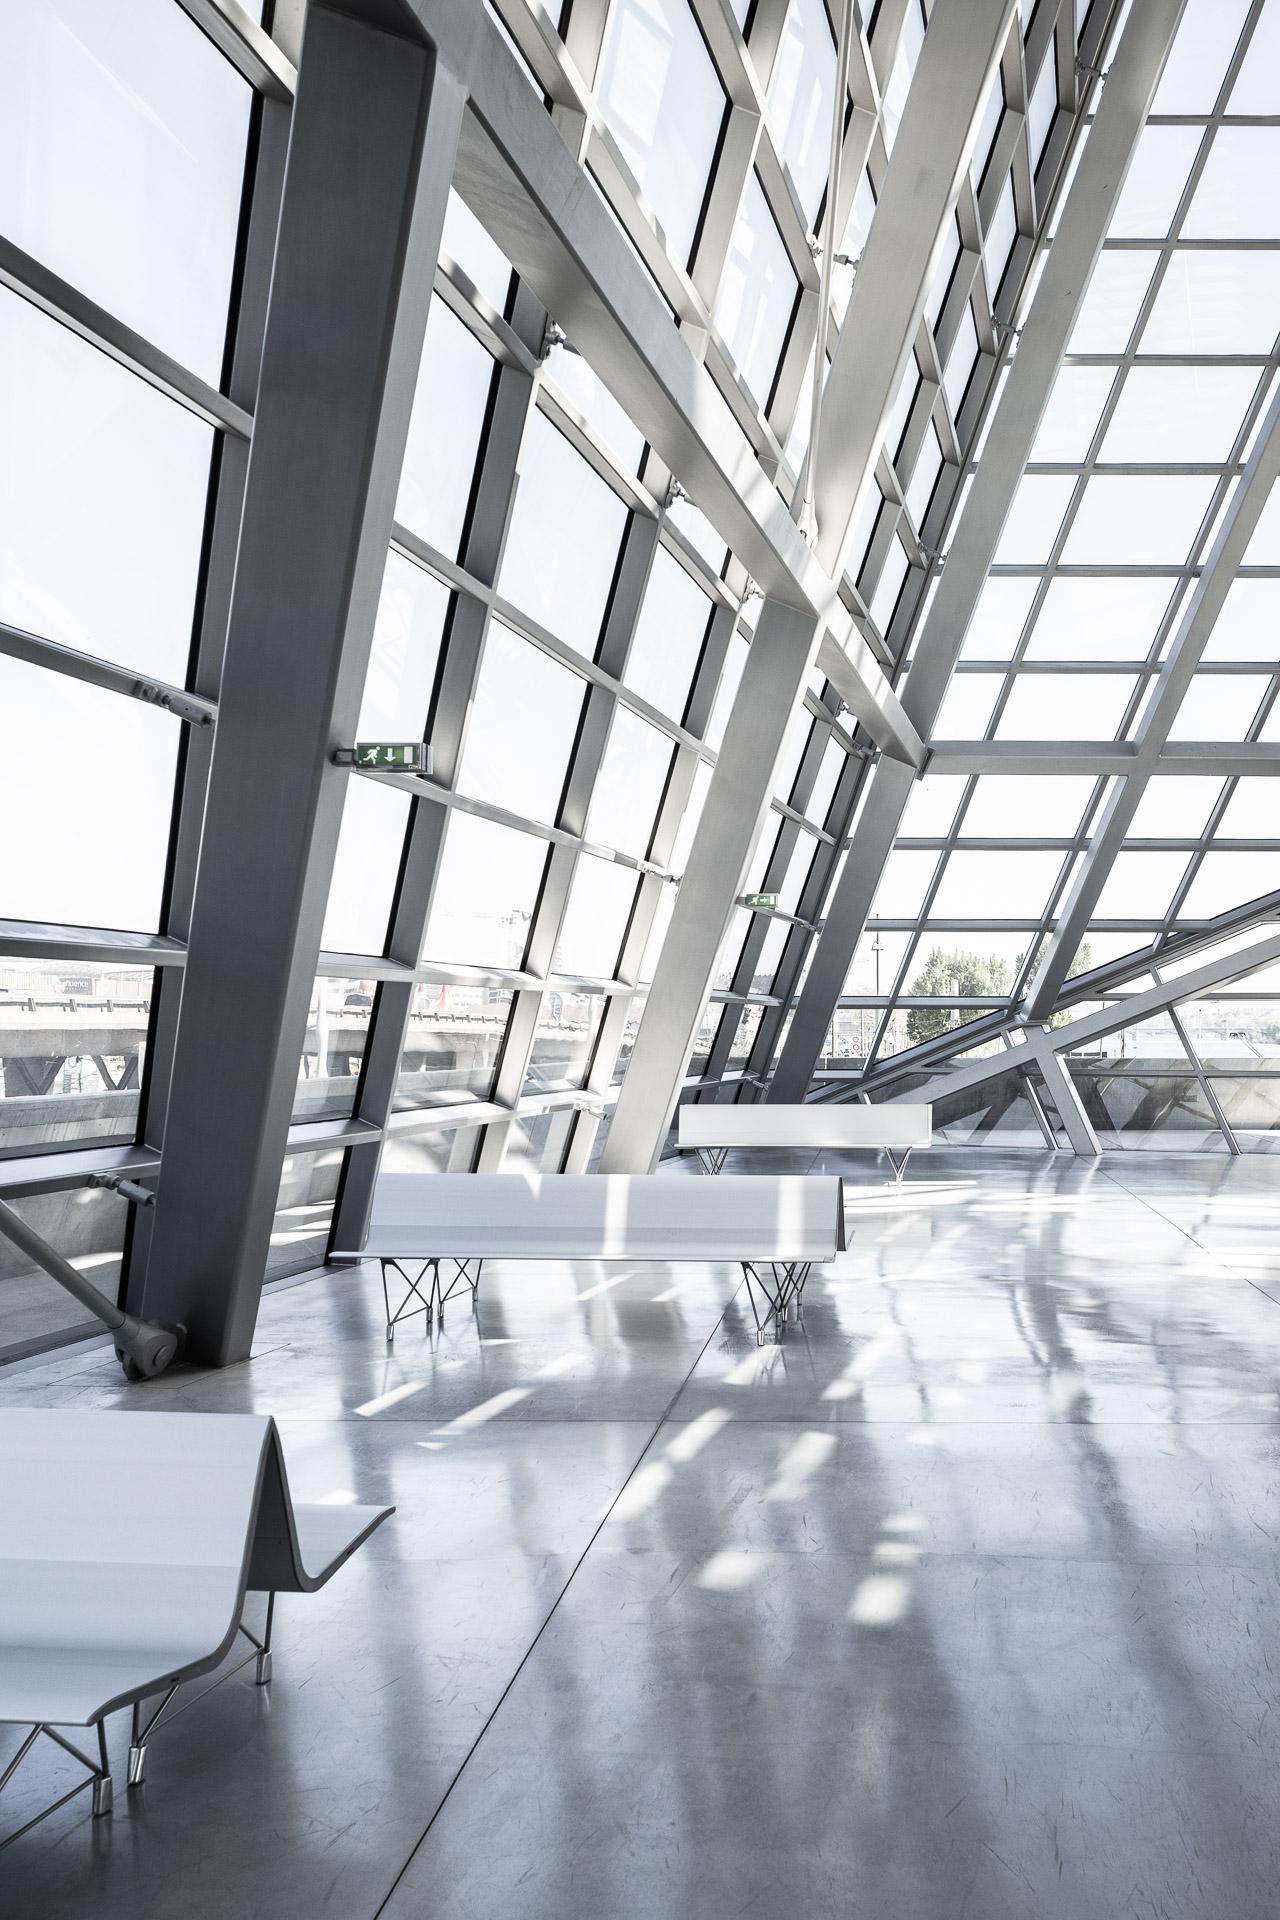 Architekturfotografie - modern mit viel Glas und Licht